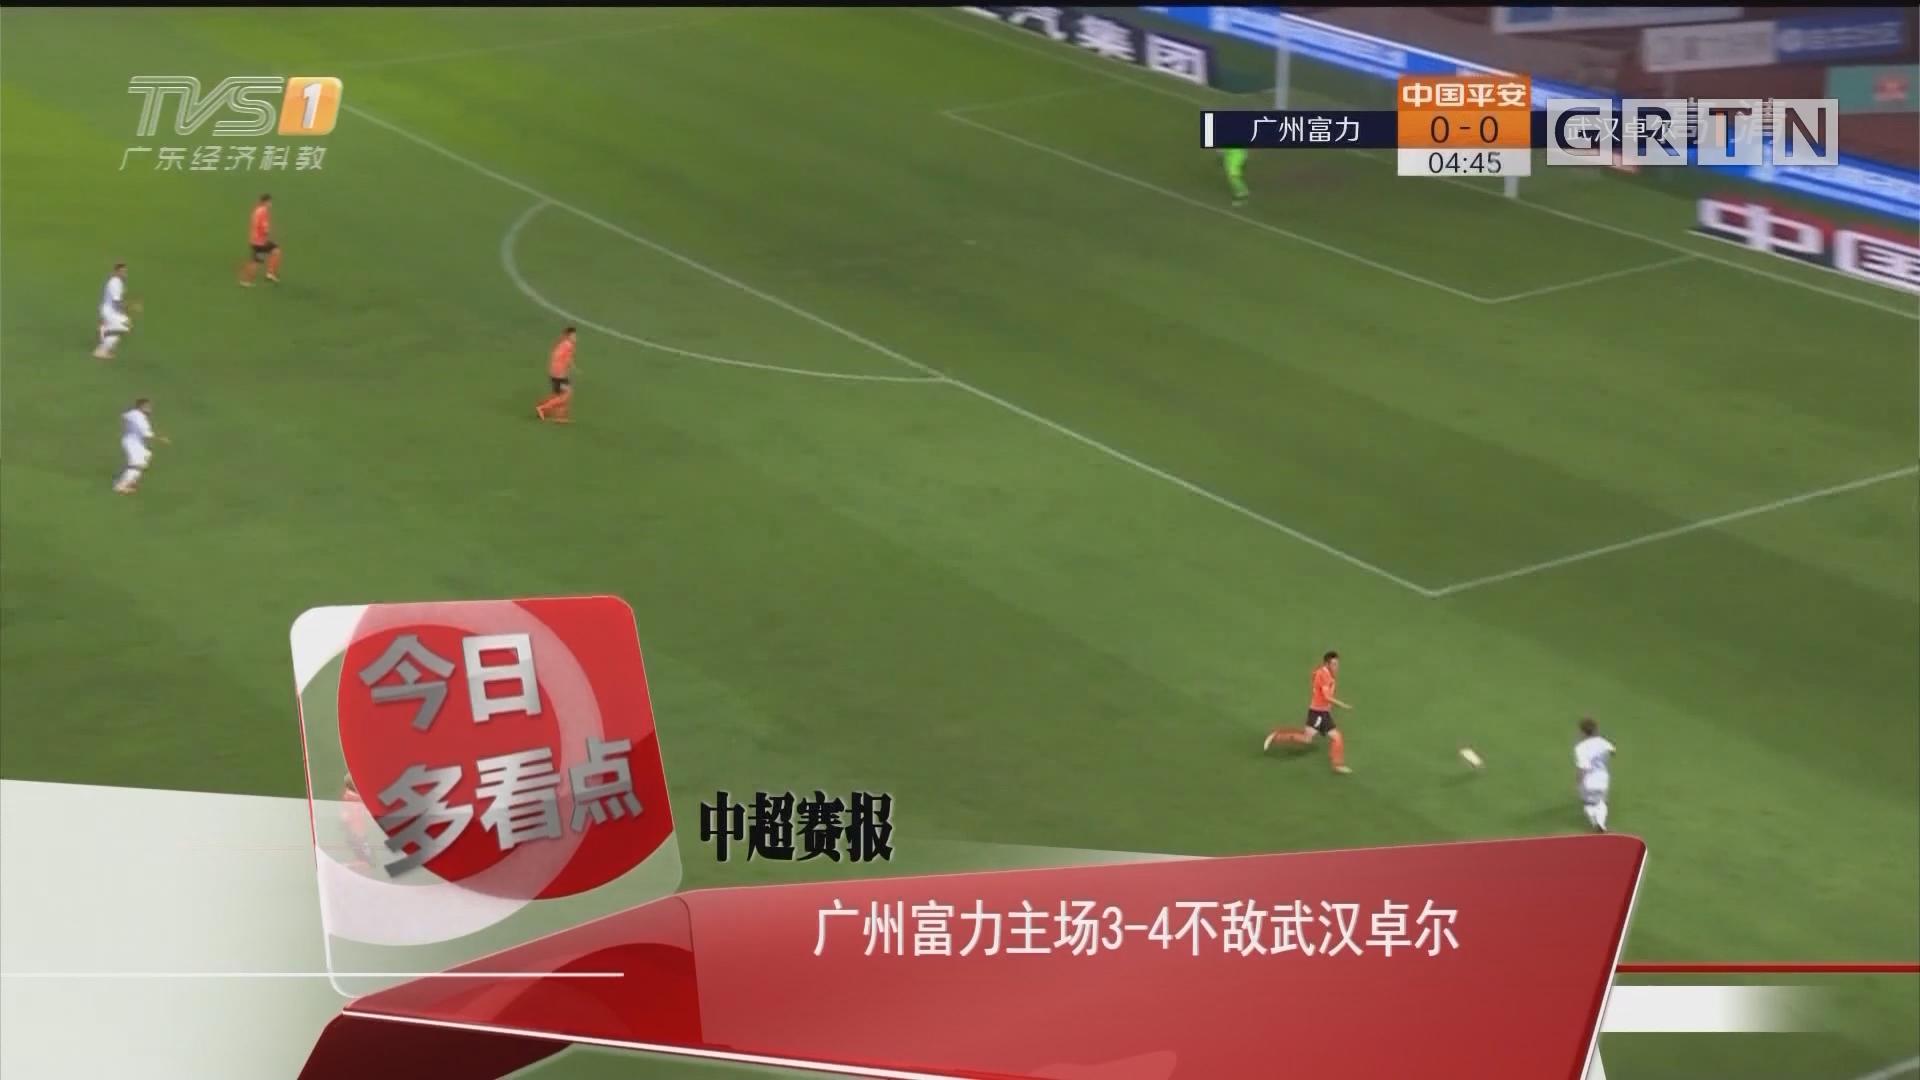 中超赛报:广州富力主场3-4不敌武汉卓尔